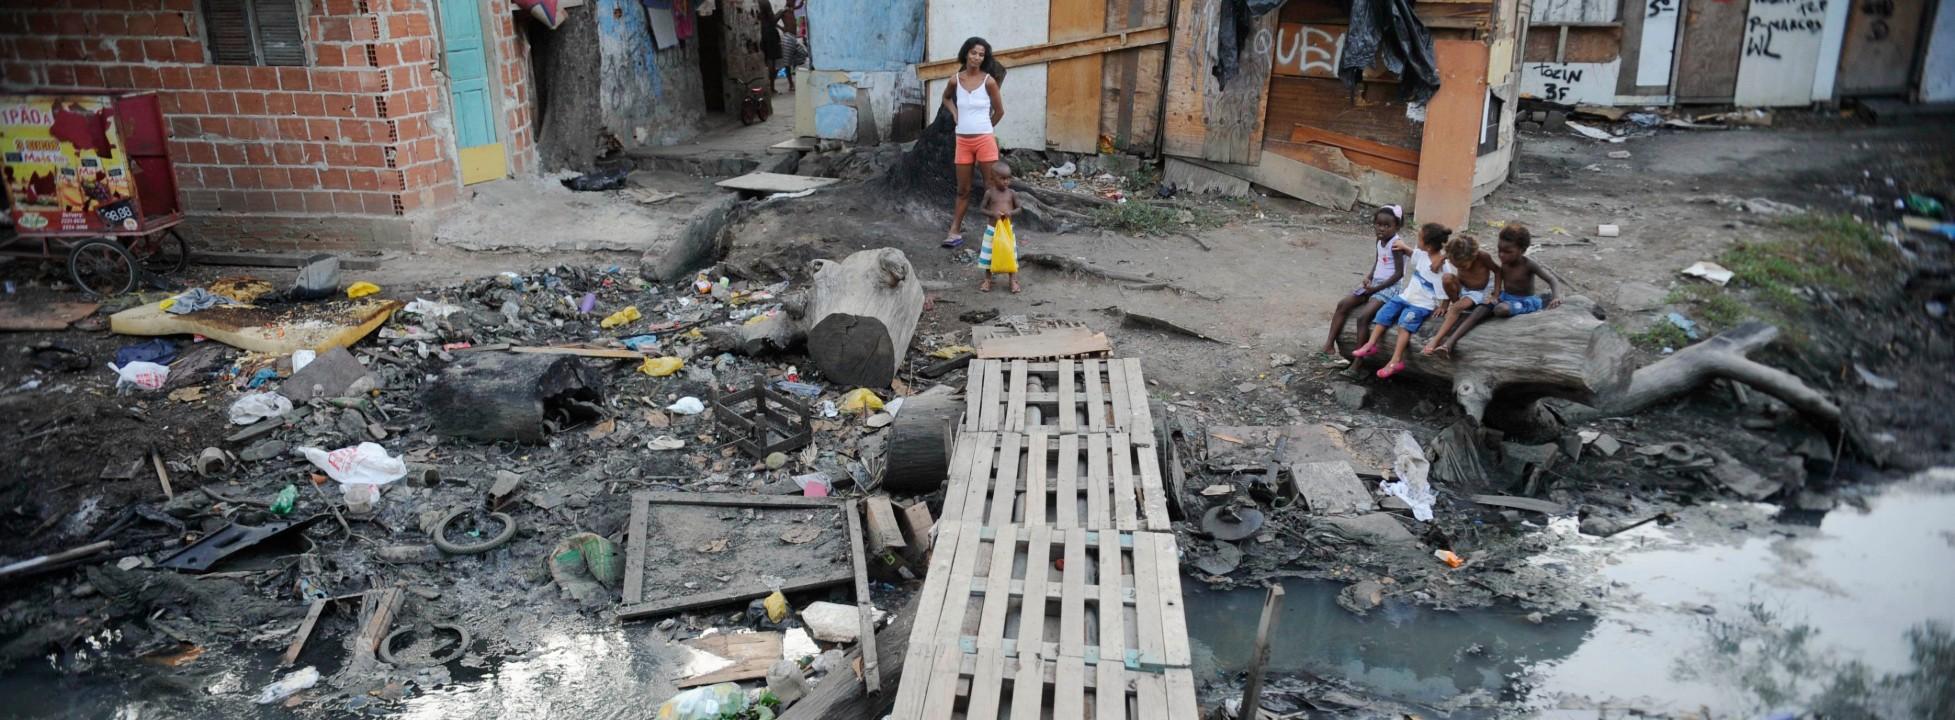 Saneamento Básico, obra de infraestrutura de água e esgoto